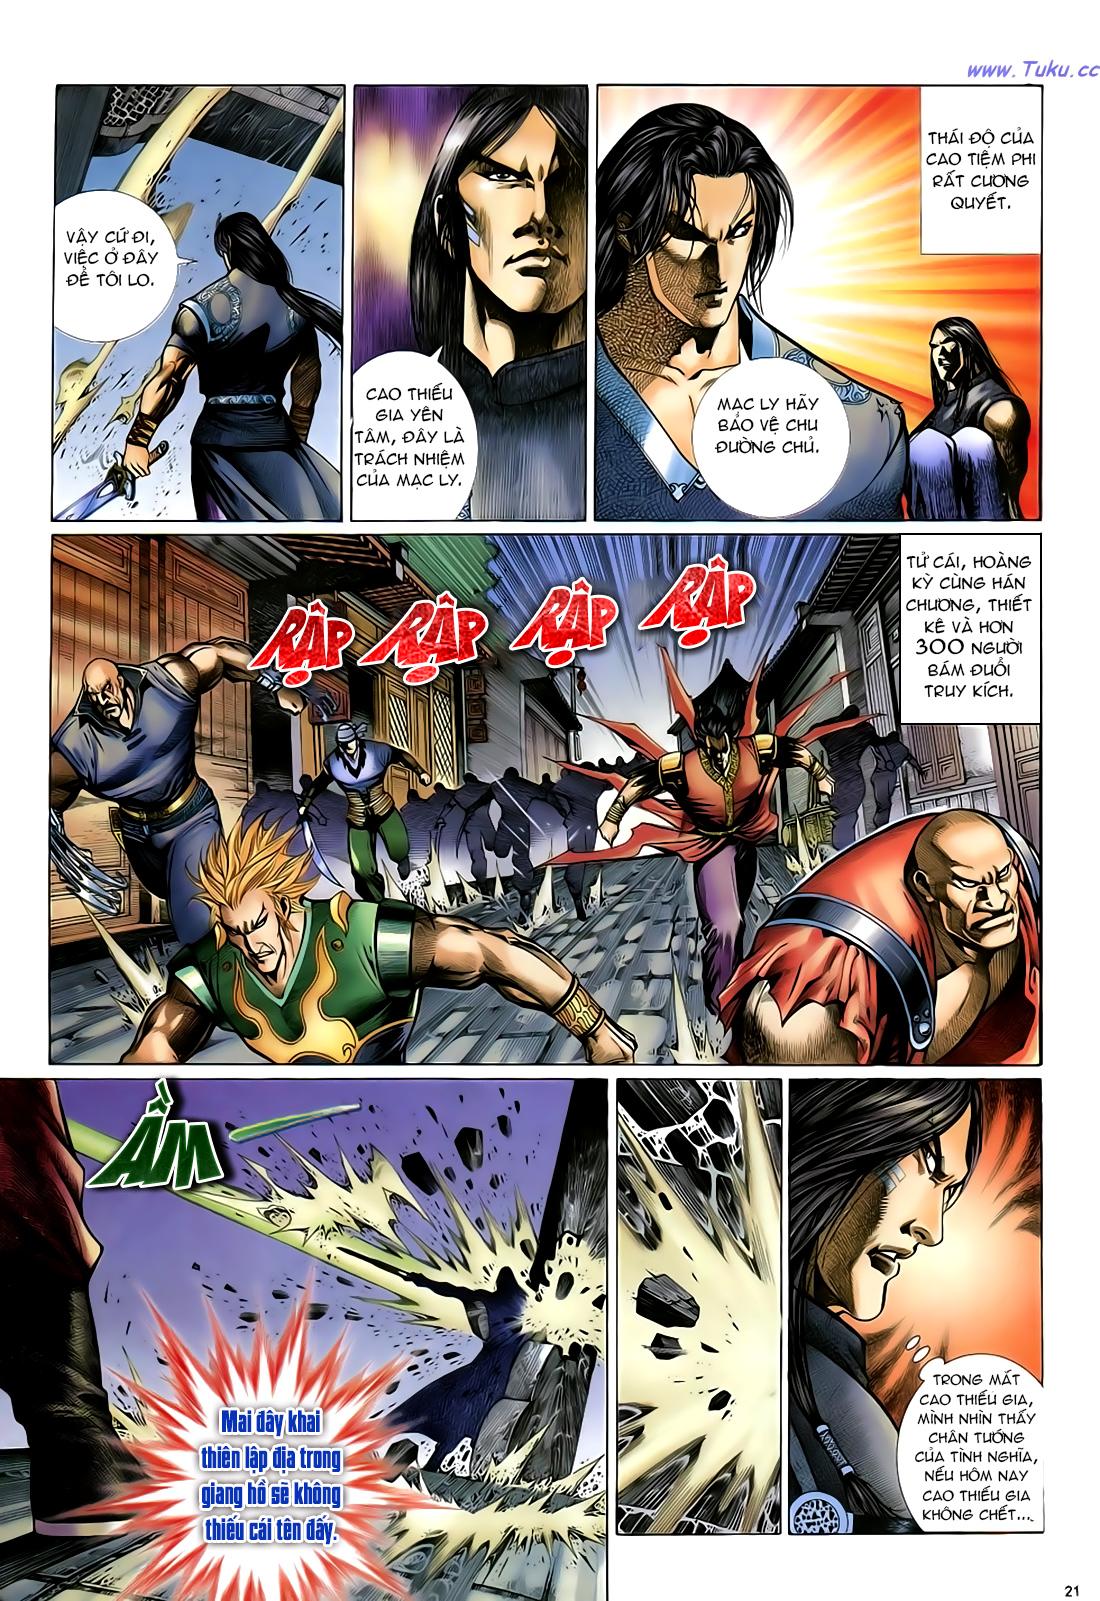 Anh hùng vô lệ Chap 24 trang 22